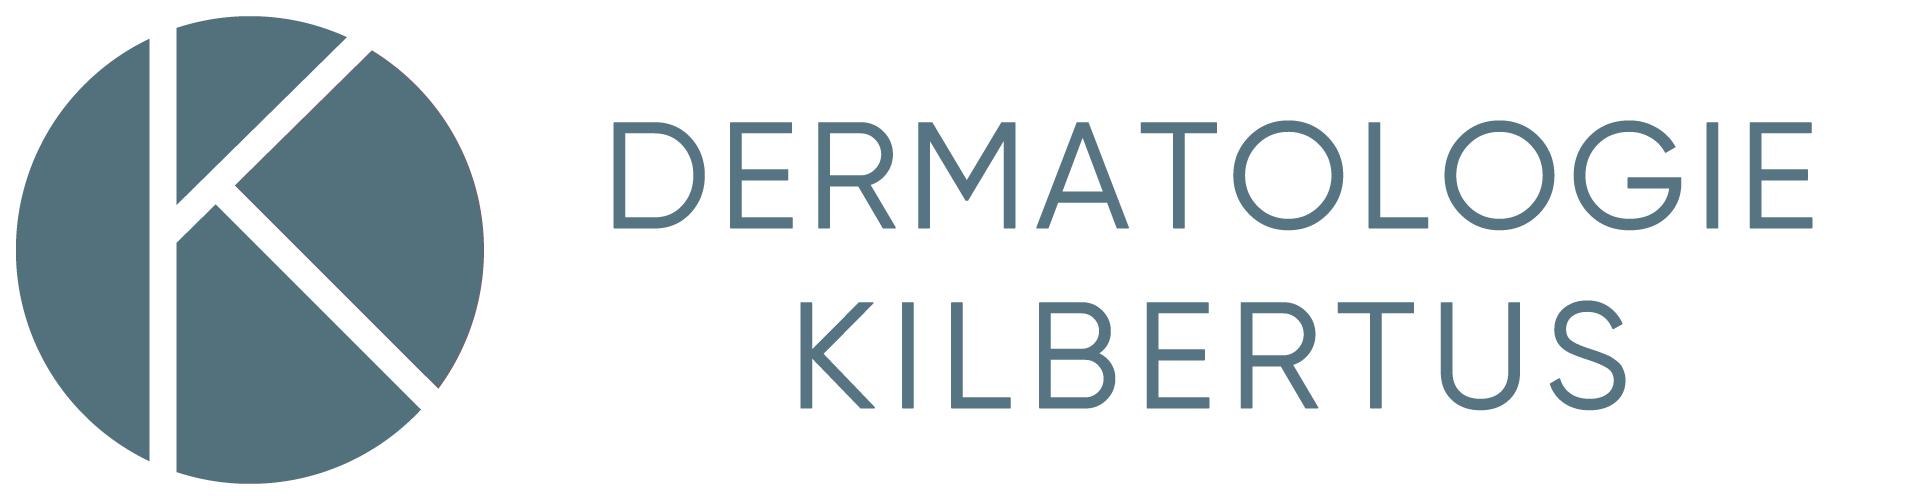 Dermatologie Kilbertus Hautarzt Wels Logo